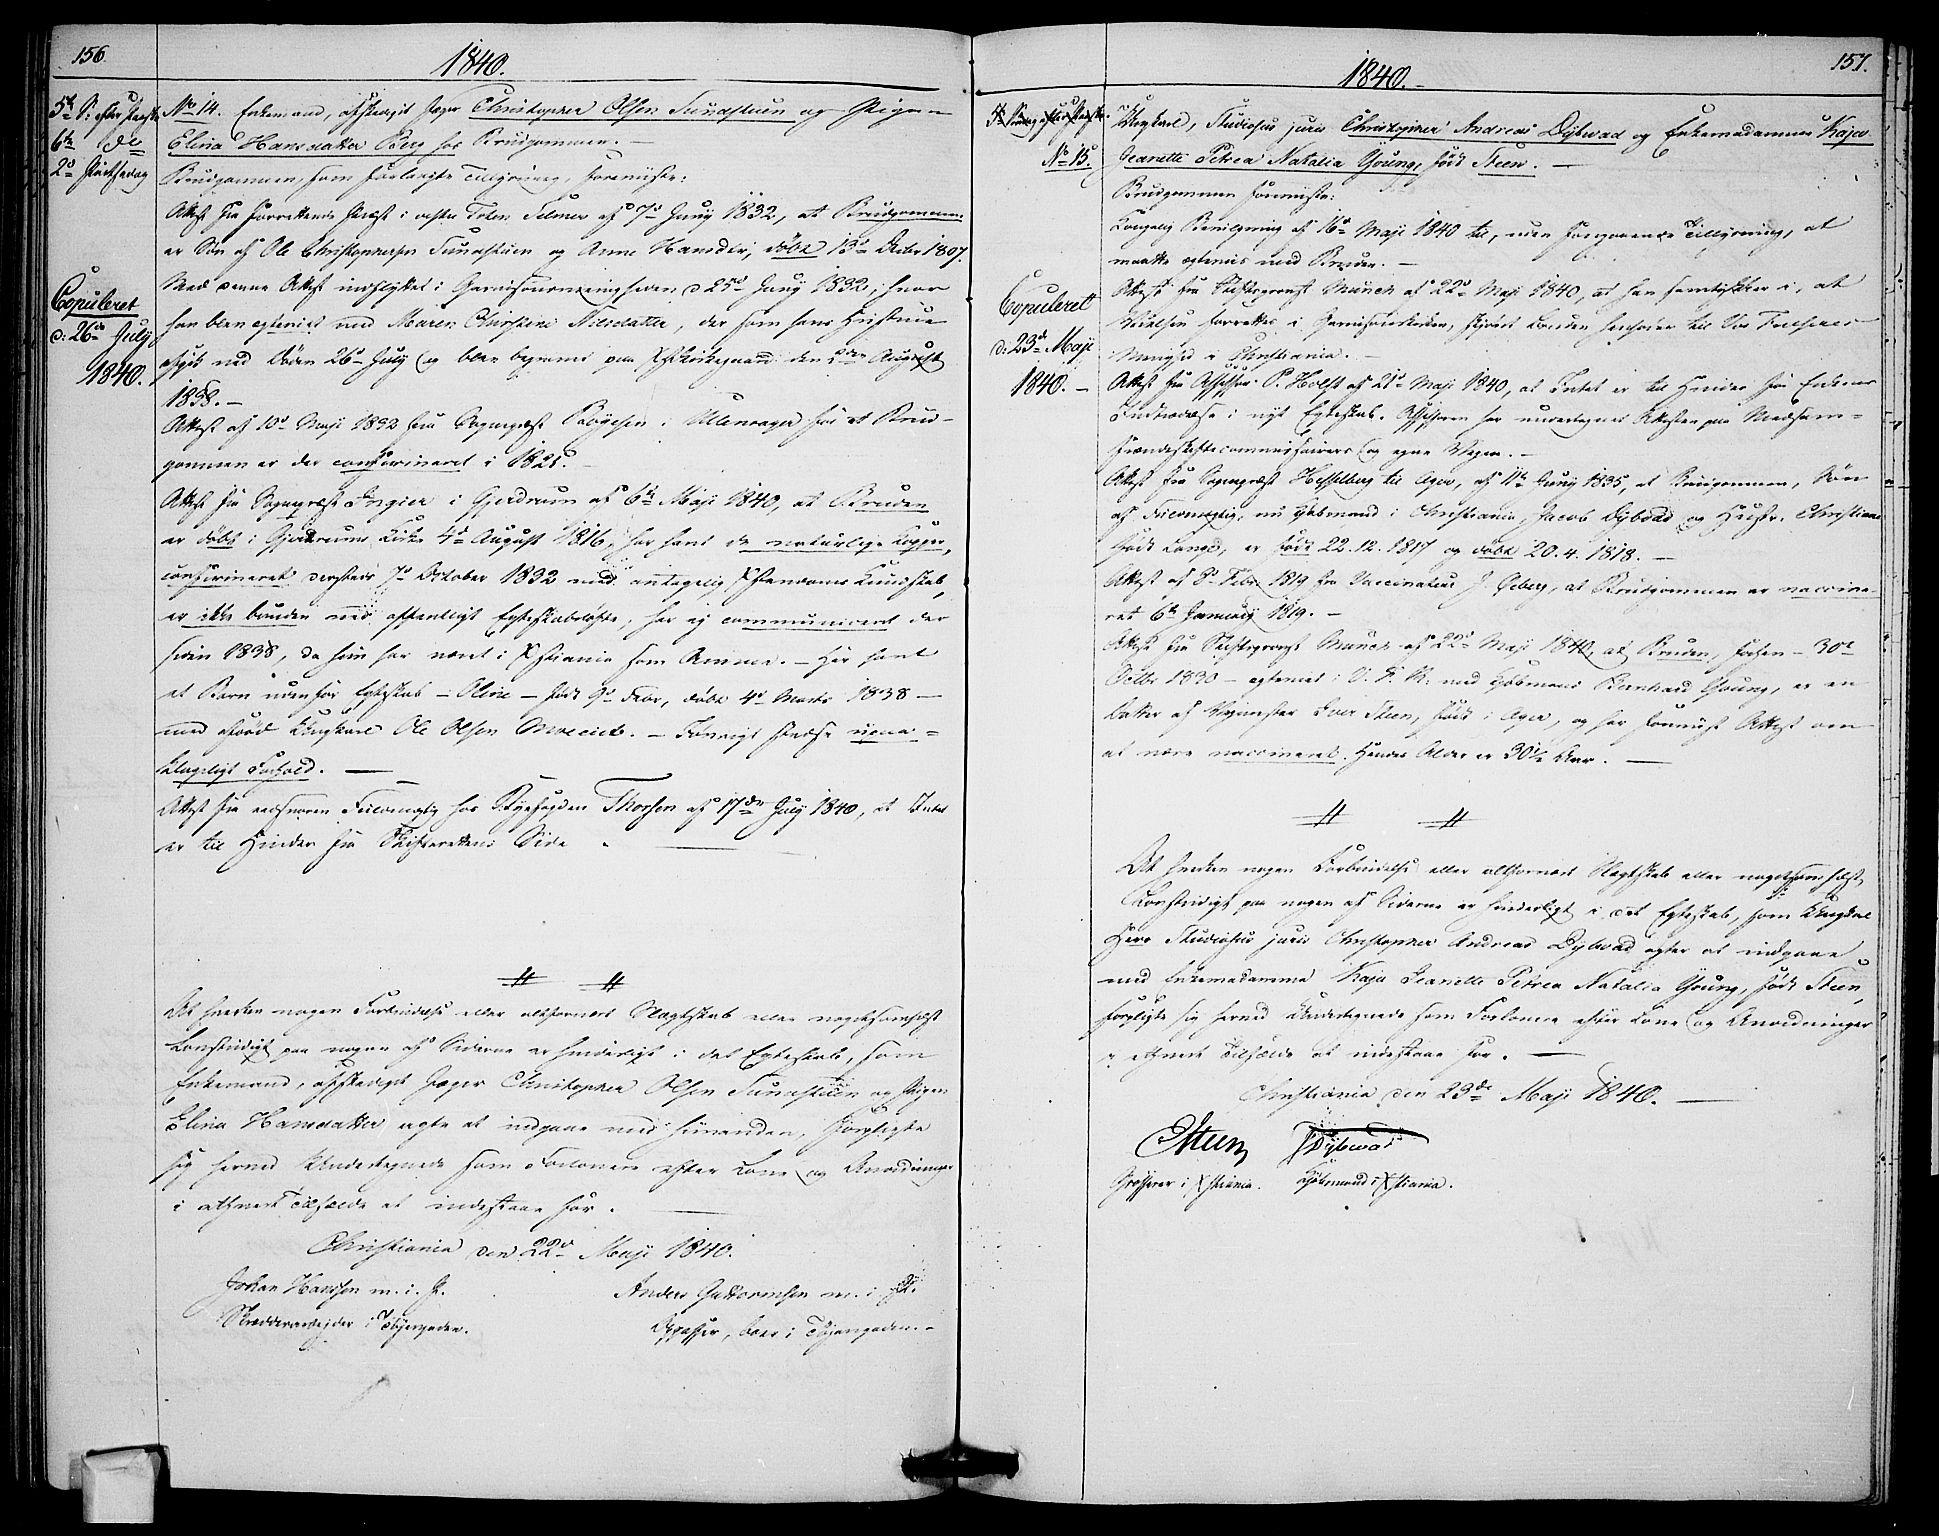 SAO, Garnisonsmenigheten Kirkebøker, H/Ha/L0003: Banns register no. I 3, 1835-1840, p. 156-157